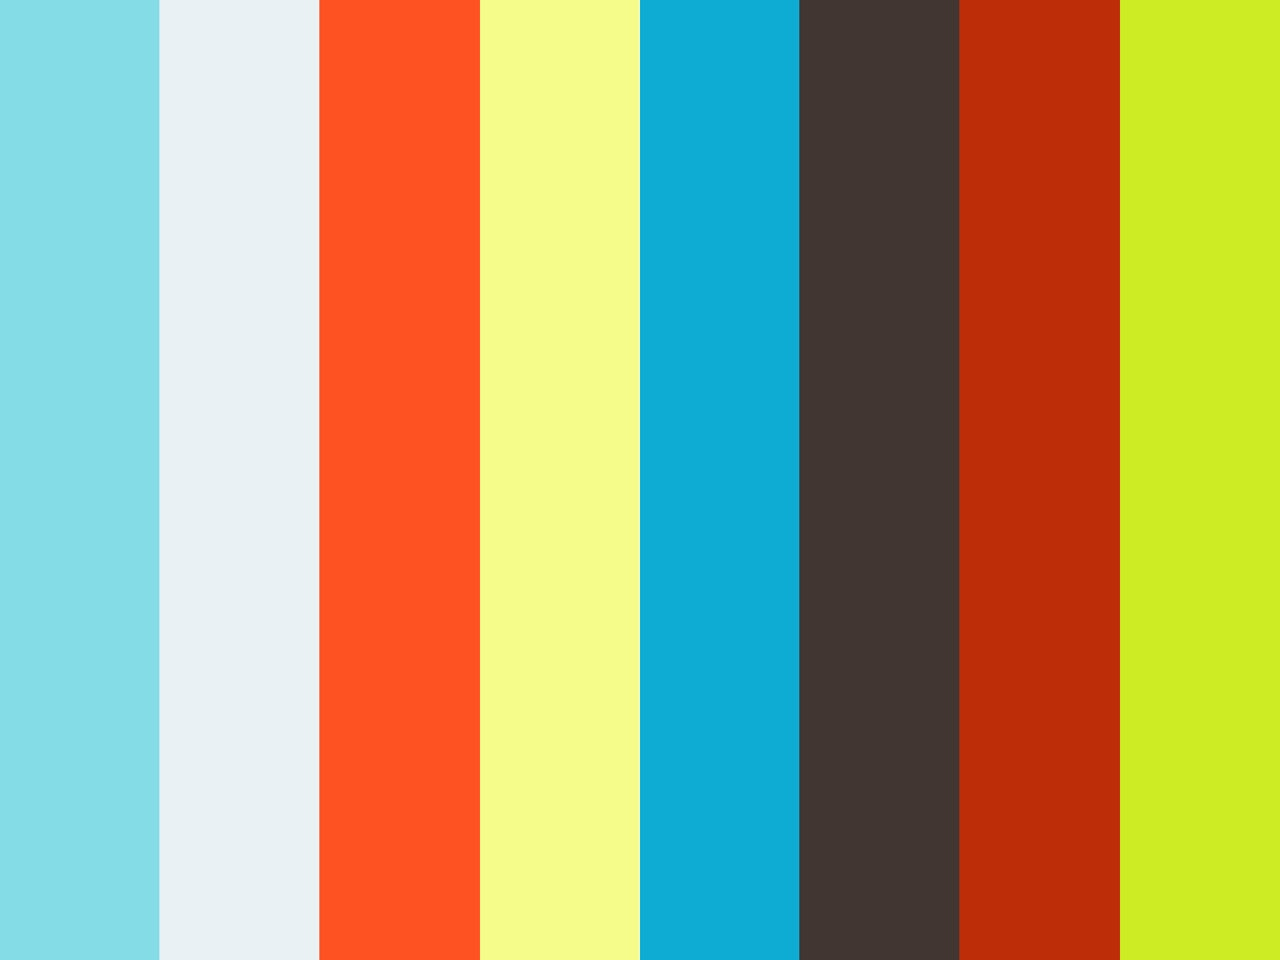 Rewind - ADI Kites